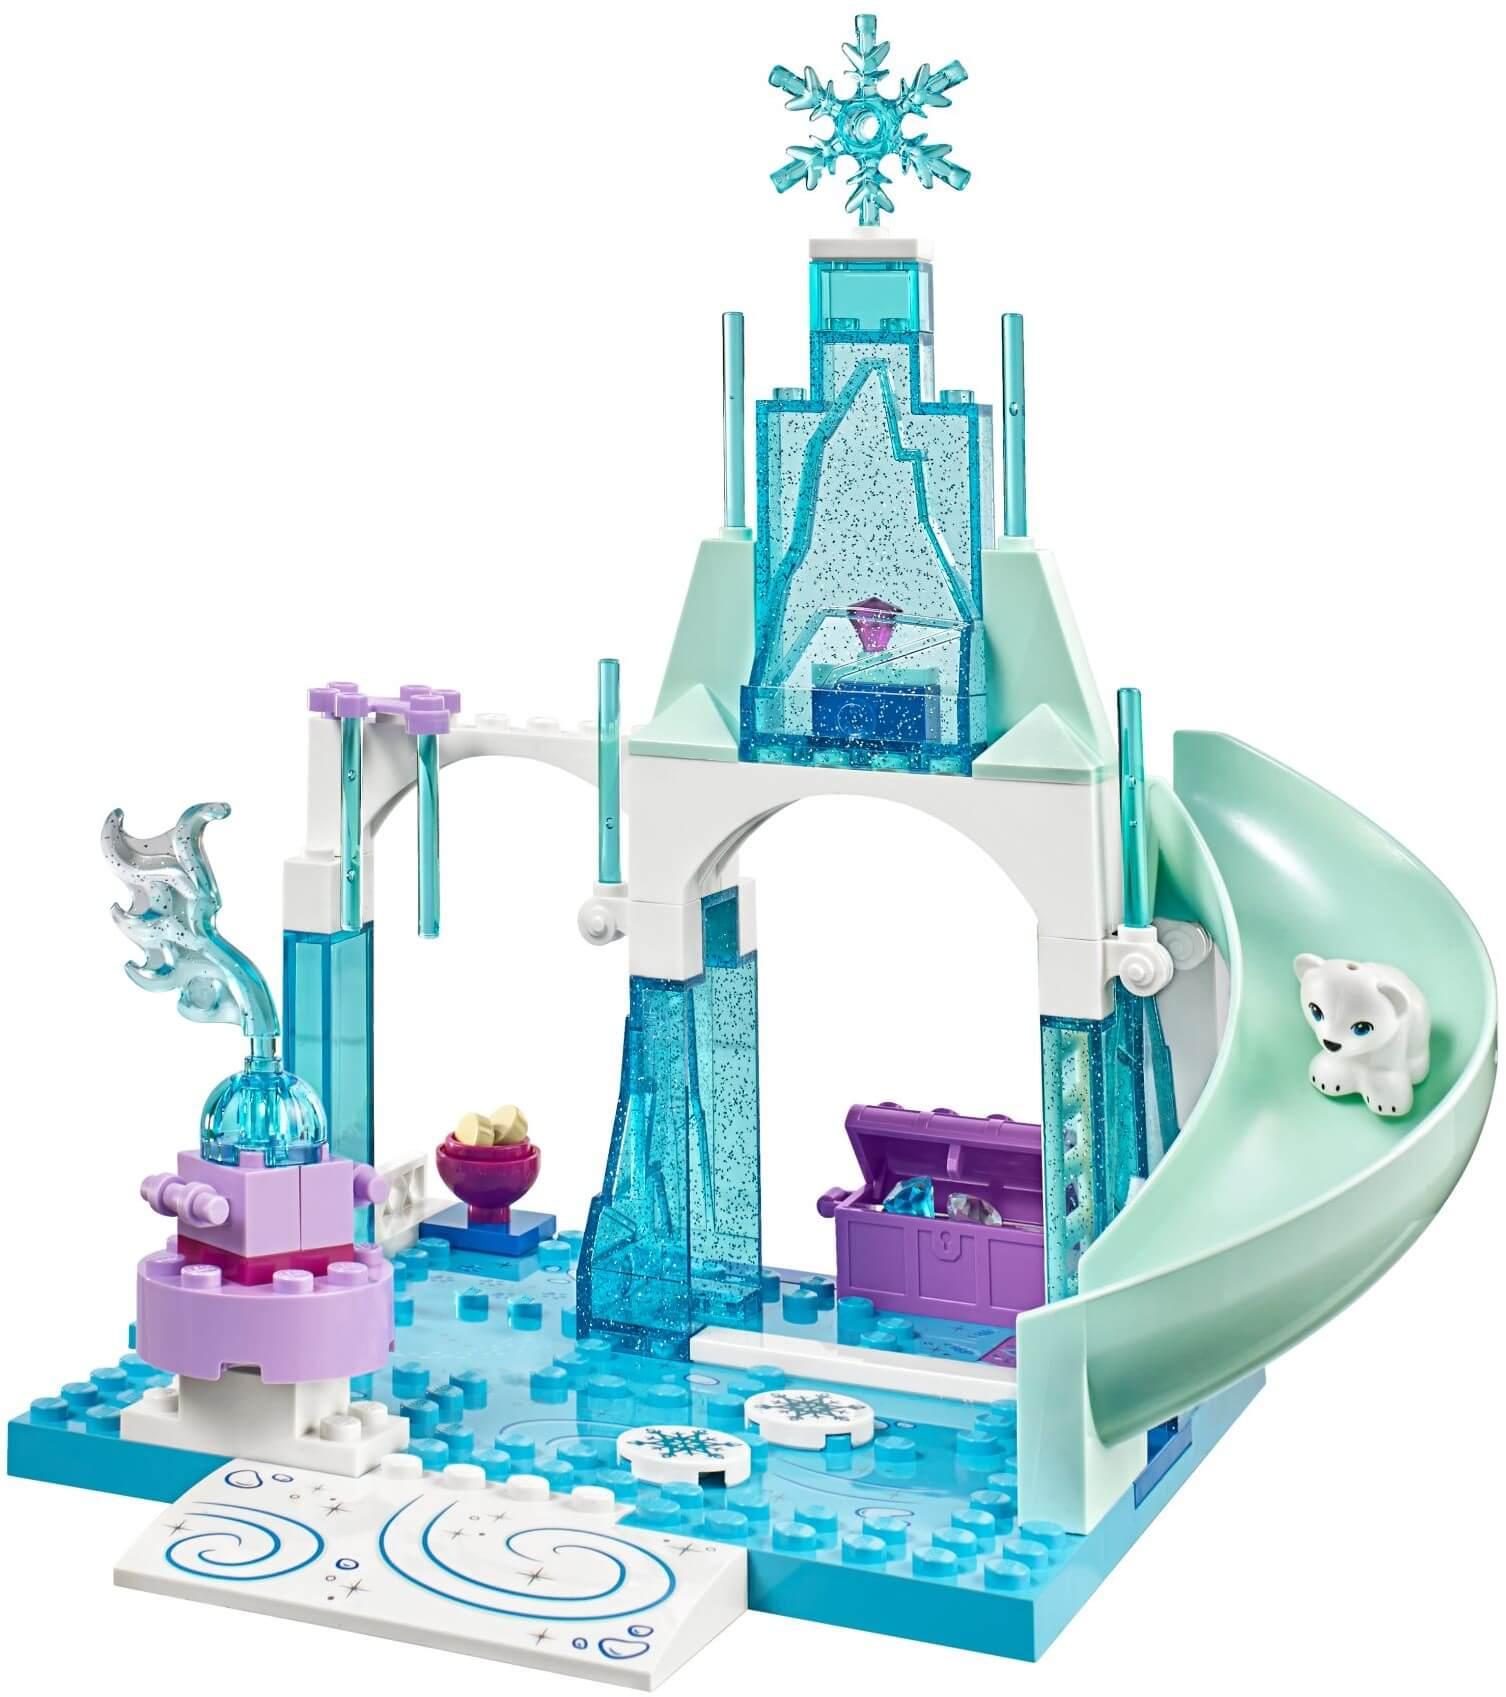 Mua đồ chơi LEGO 10736 - LEGO Juniors 10736 - Lâu Đài Băng của Elsa và Anna (LEGO 10736 Anna & Elsa's Frozen Playground)